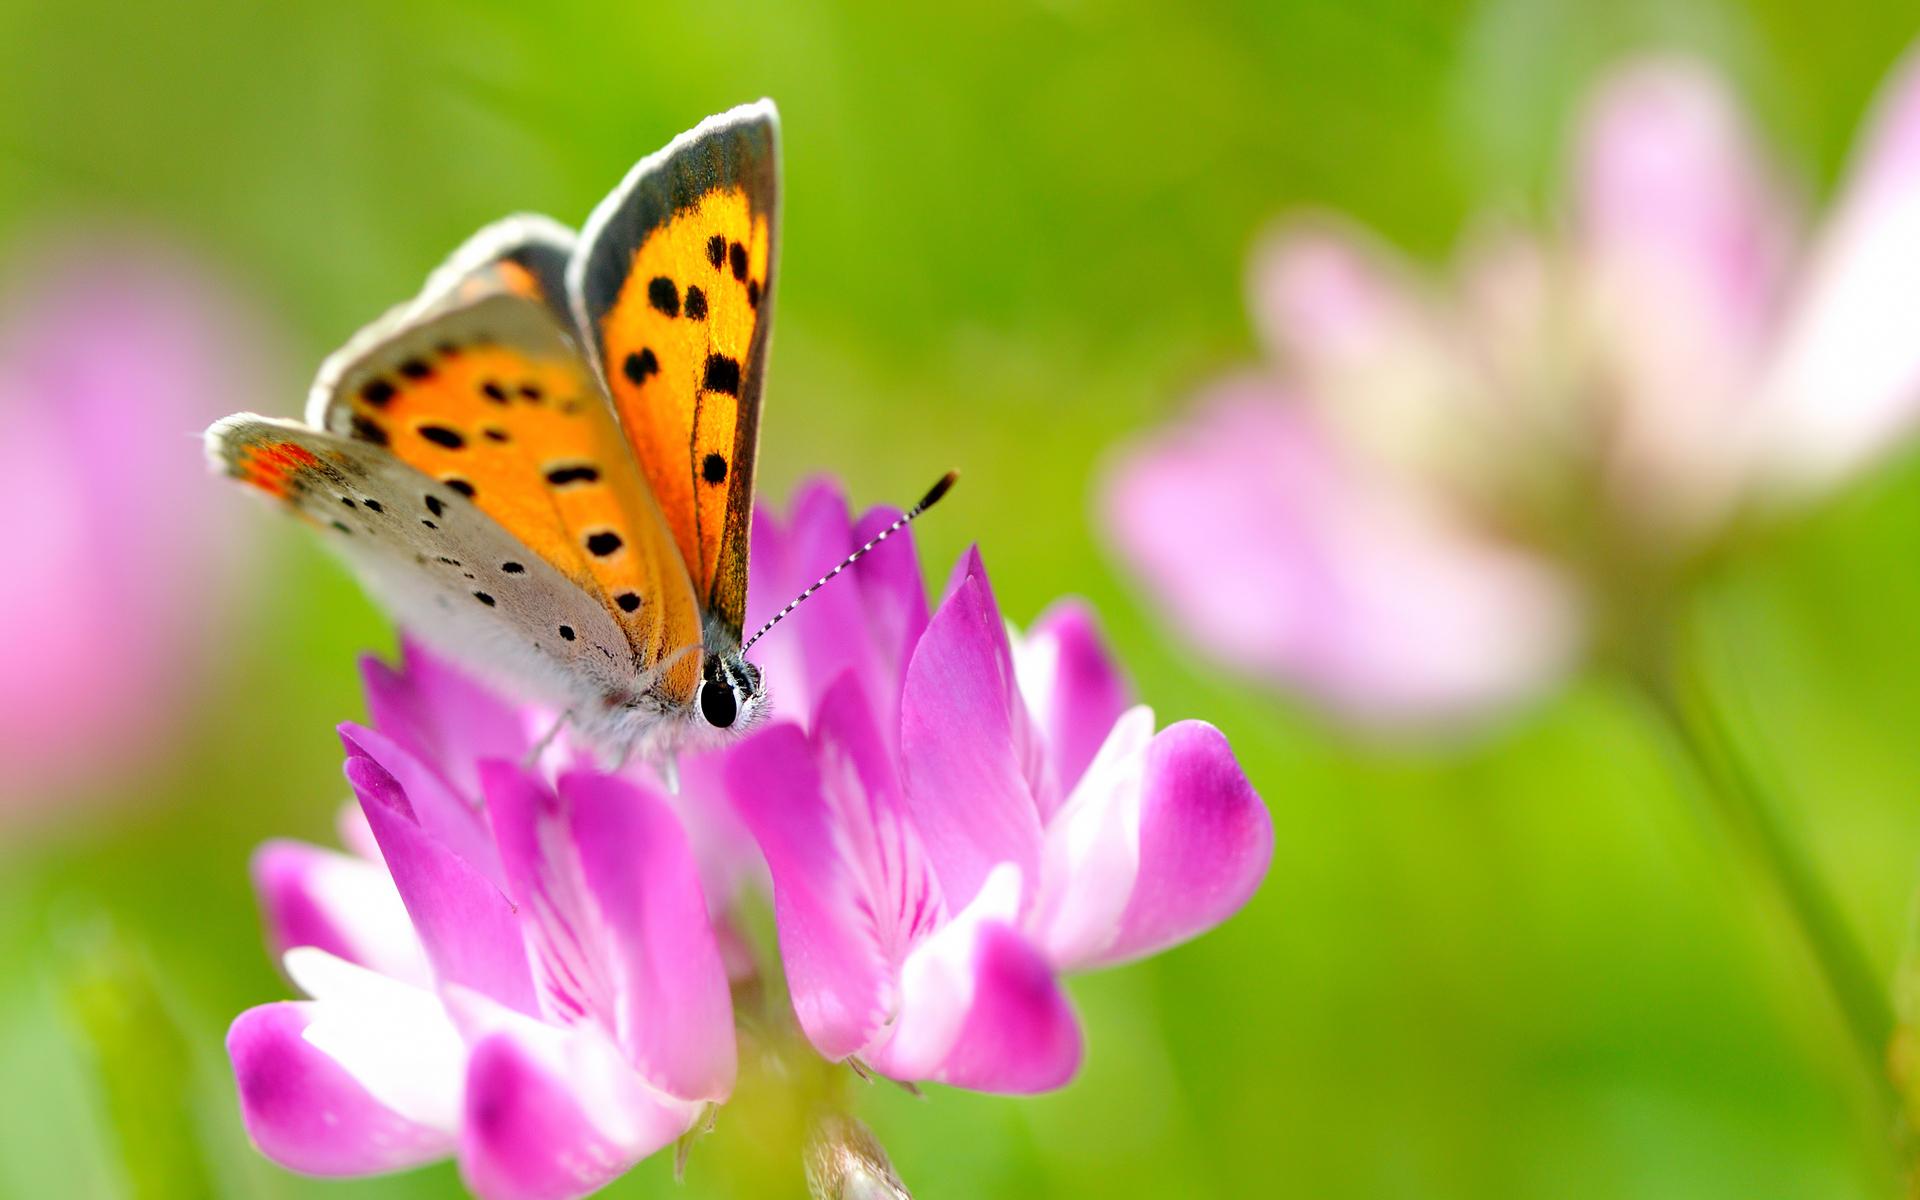 Beautiful Butterfly On Pink Flower - Beautiful Butterfly On Flower , HD Wallpaper & Backgrounds